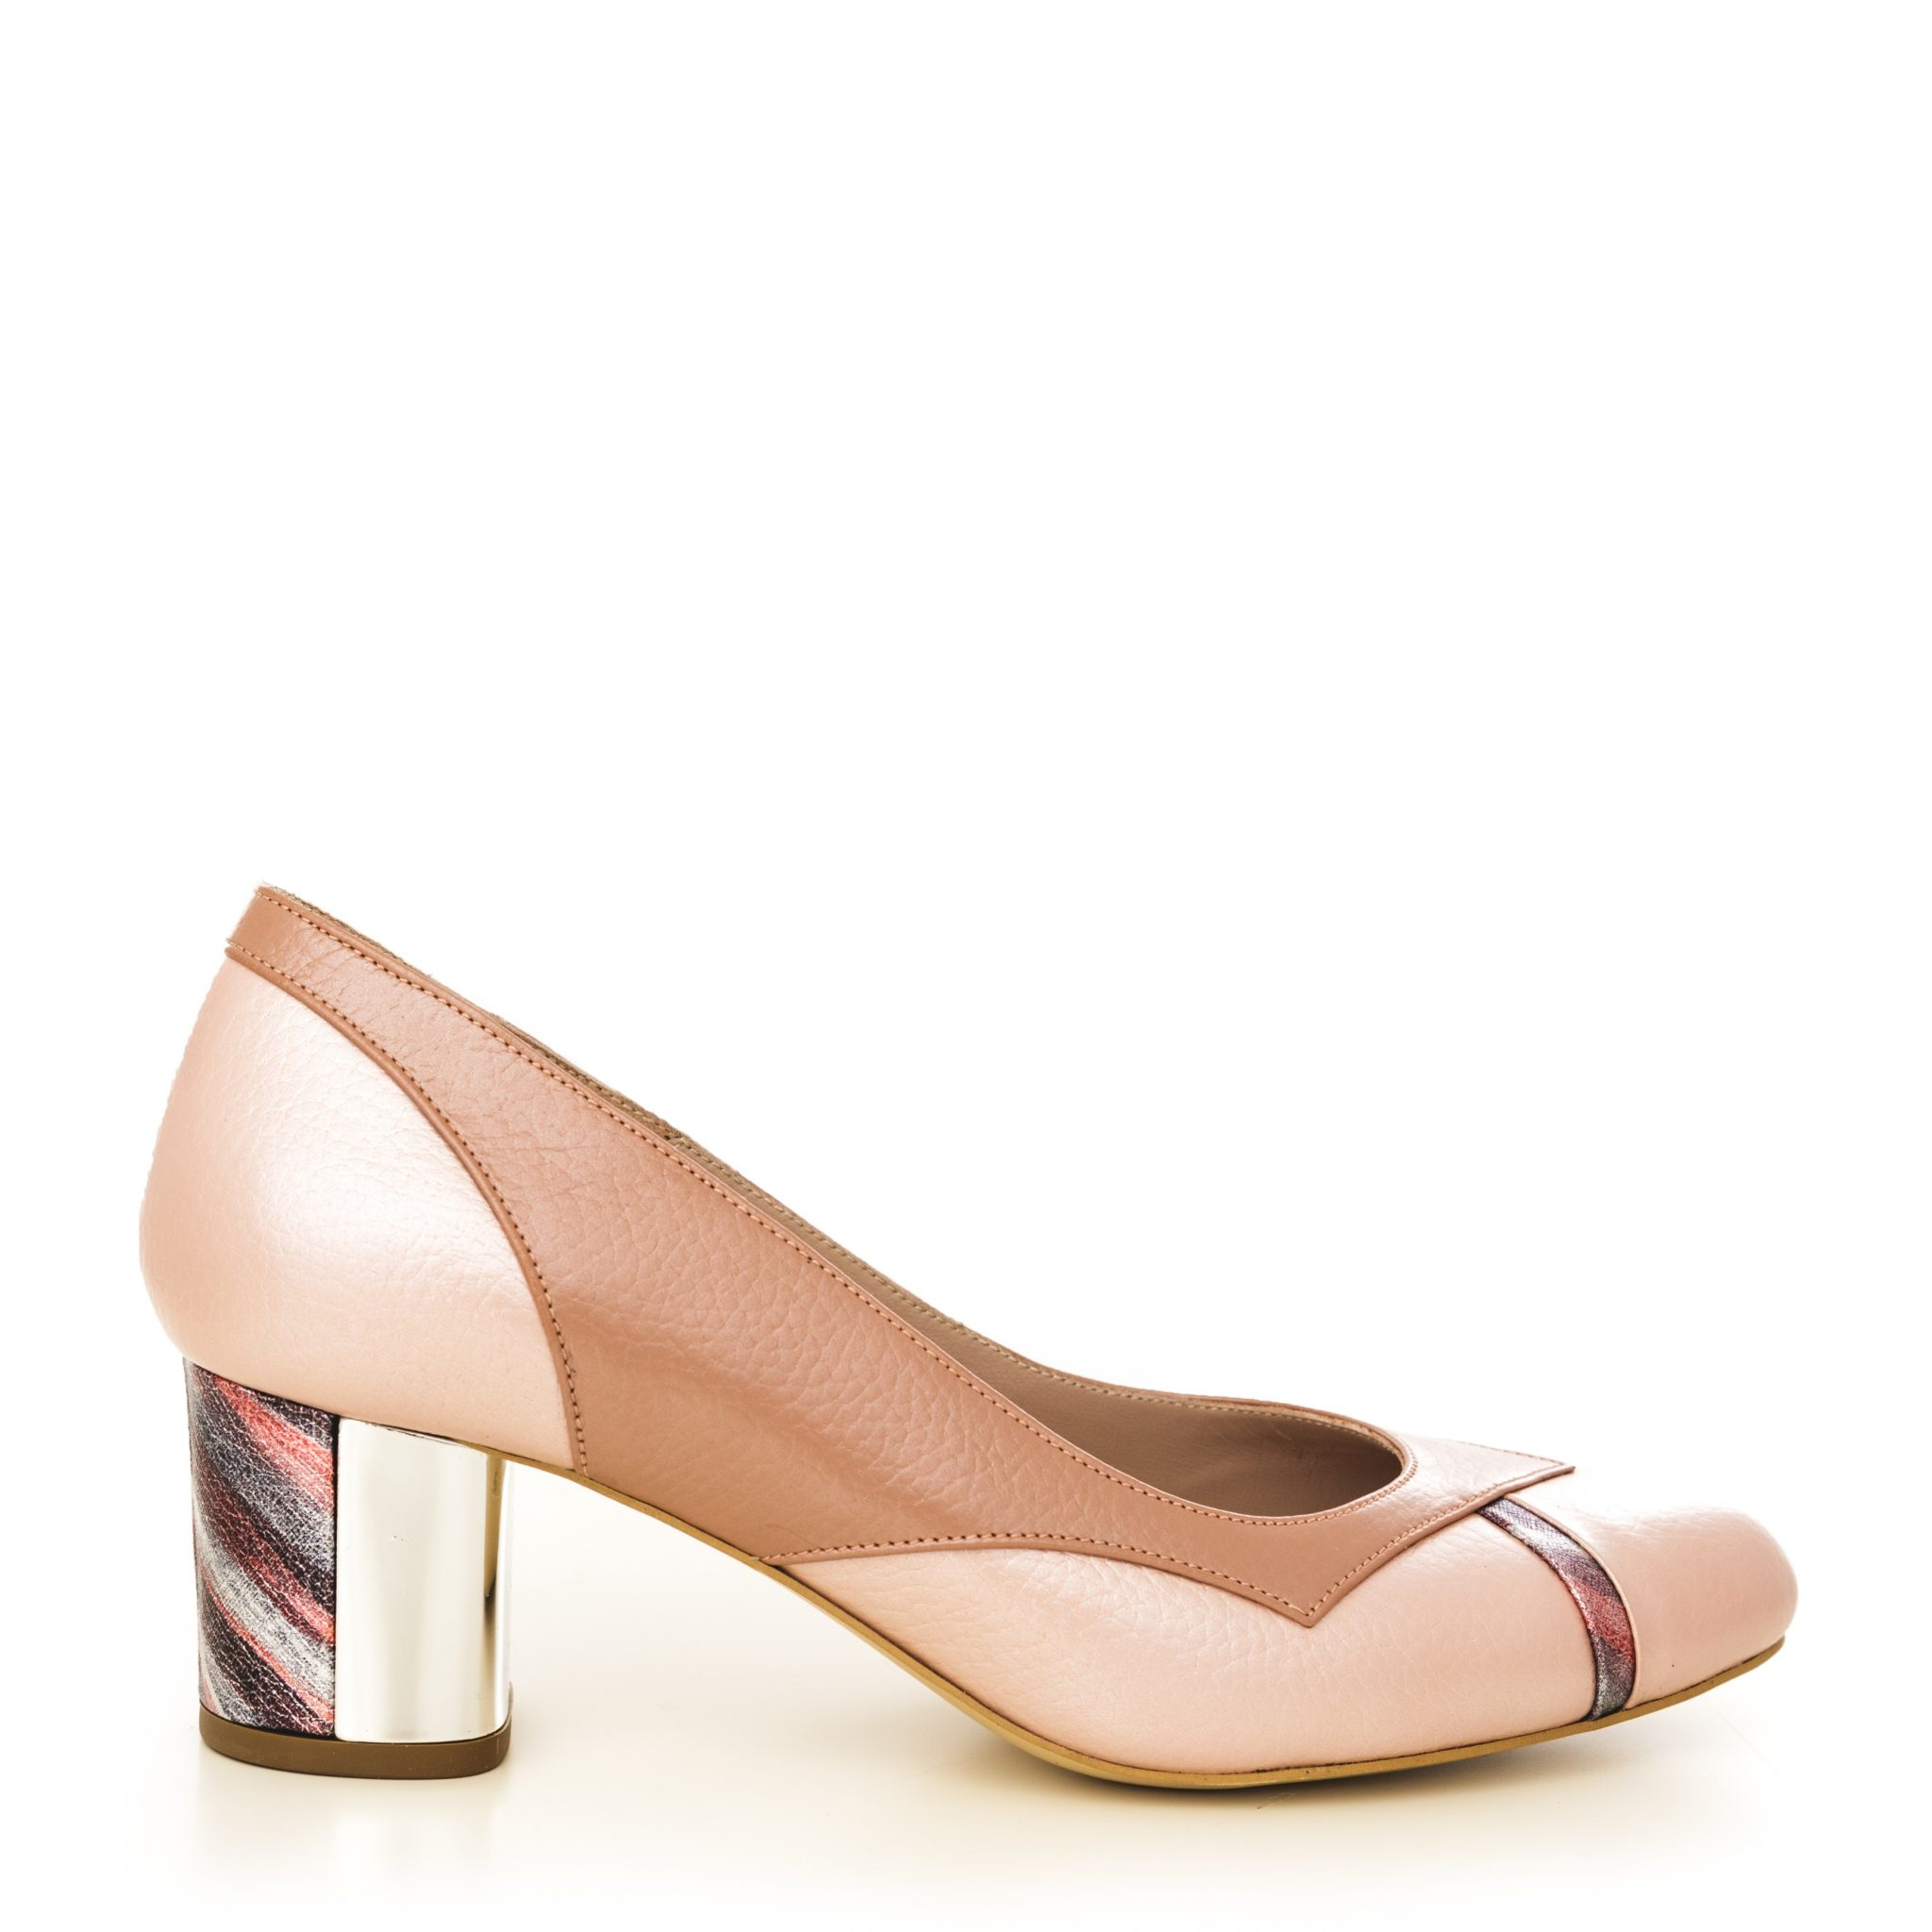 pantofi stiletto din piele naturala 1501 lac nude CONDUR